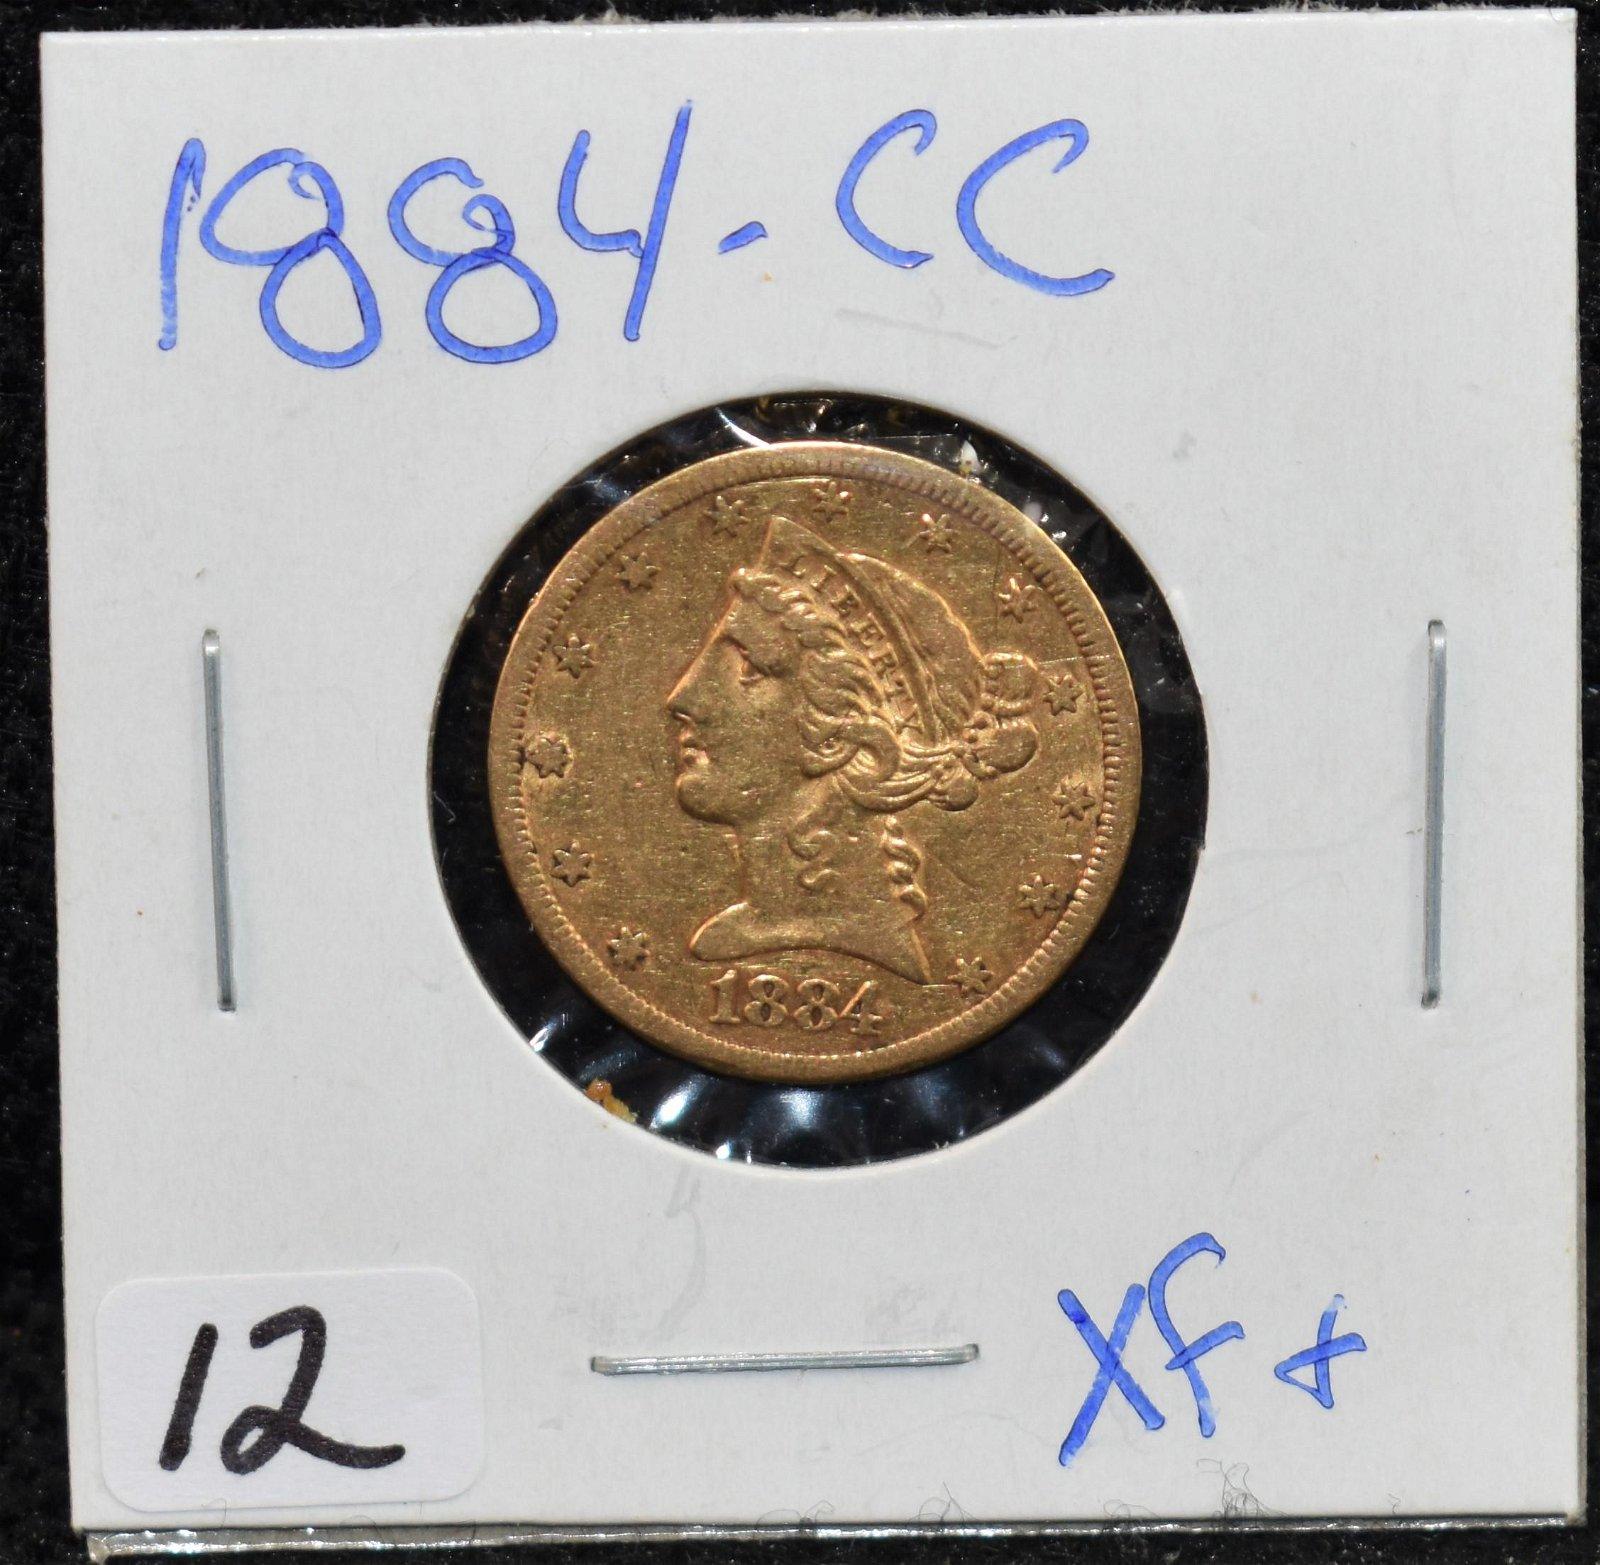 RARE 1884-CC XF+ $5 LIBERTY GOLD COIN